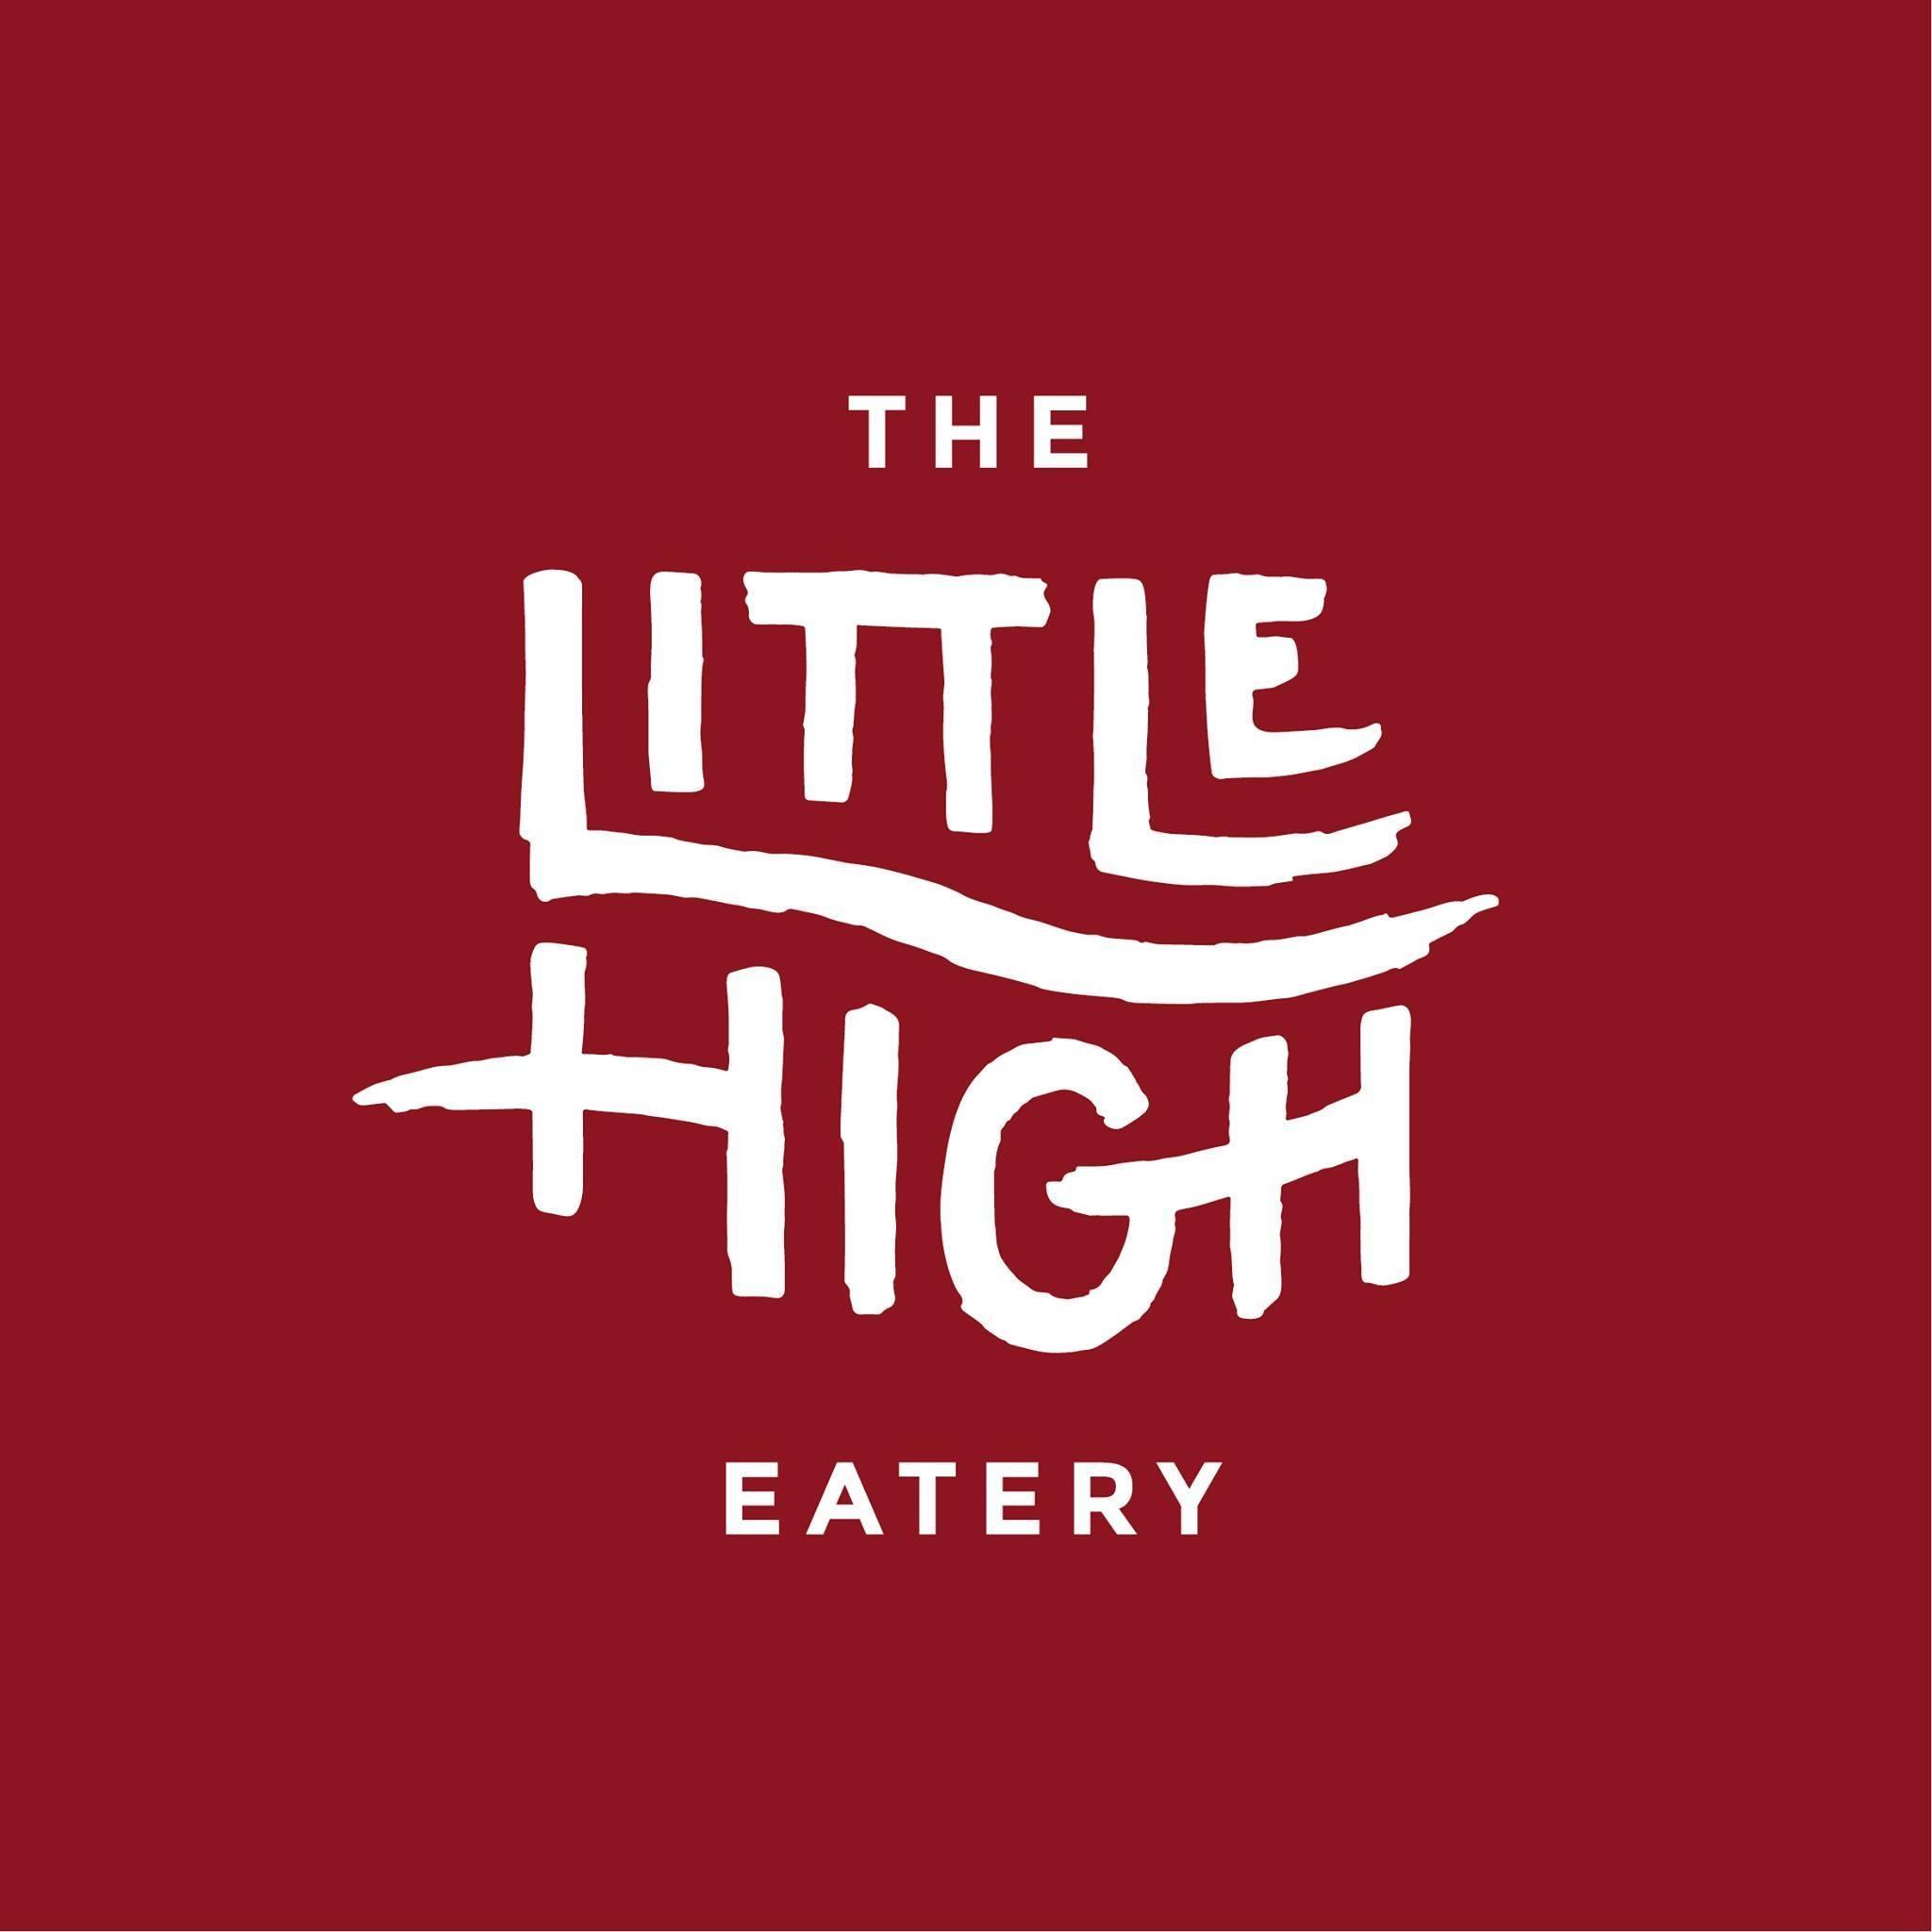 Little High Eatery